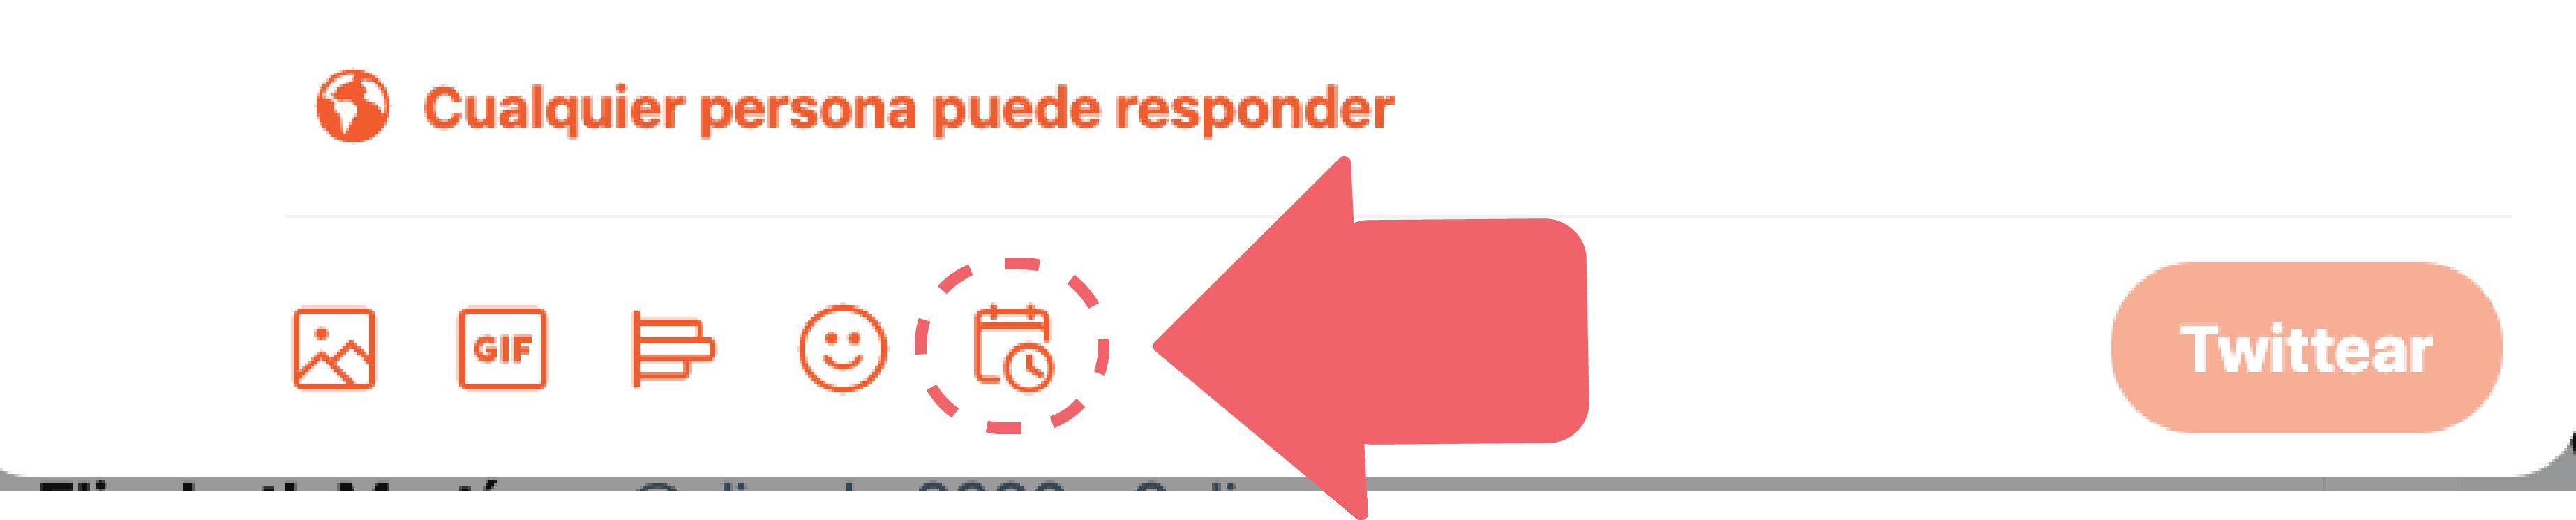 Una vez hayas terminado de escribir, haz clic en icono de programación que encontrarás en la parte inferior junto al ícono de emojis.